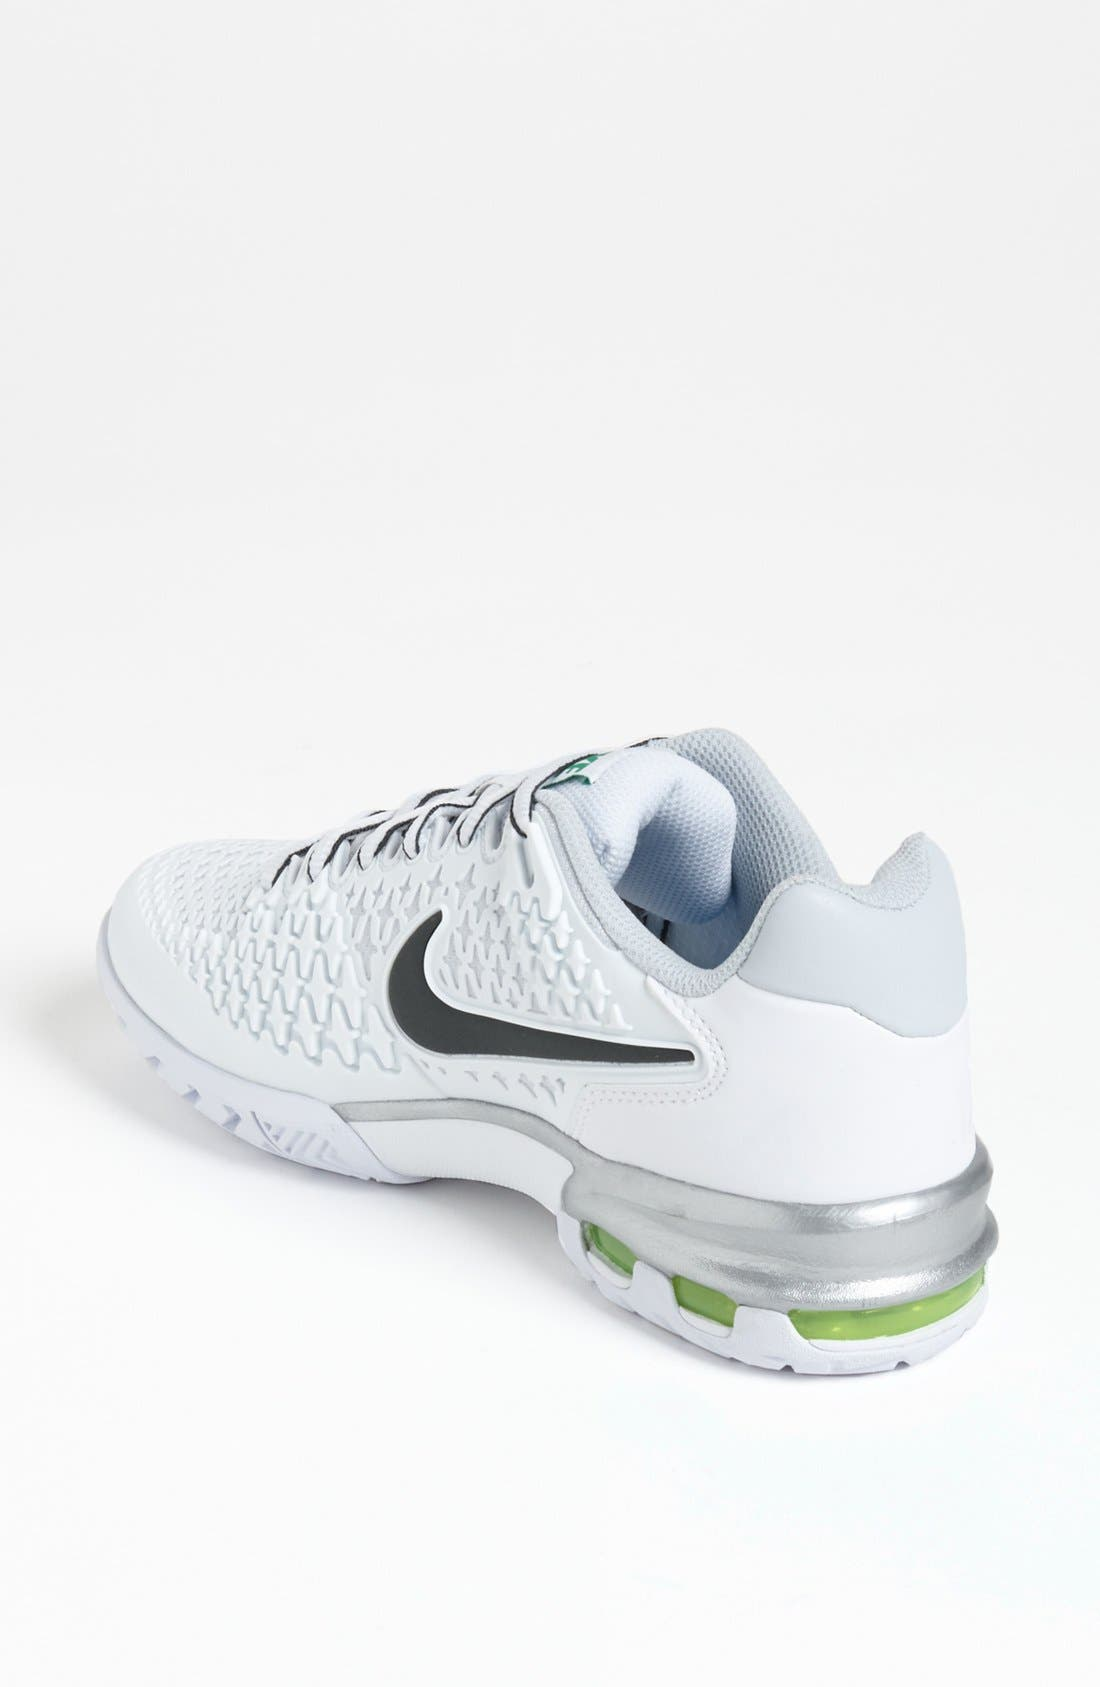 Alternate Image 2  - Nike 'Air Max Cage' Tennis Shoe (Women) (Regular Retail Price: $115.00)